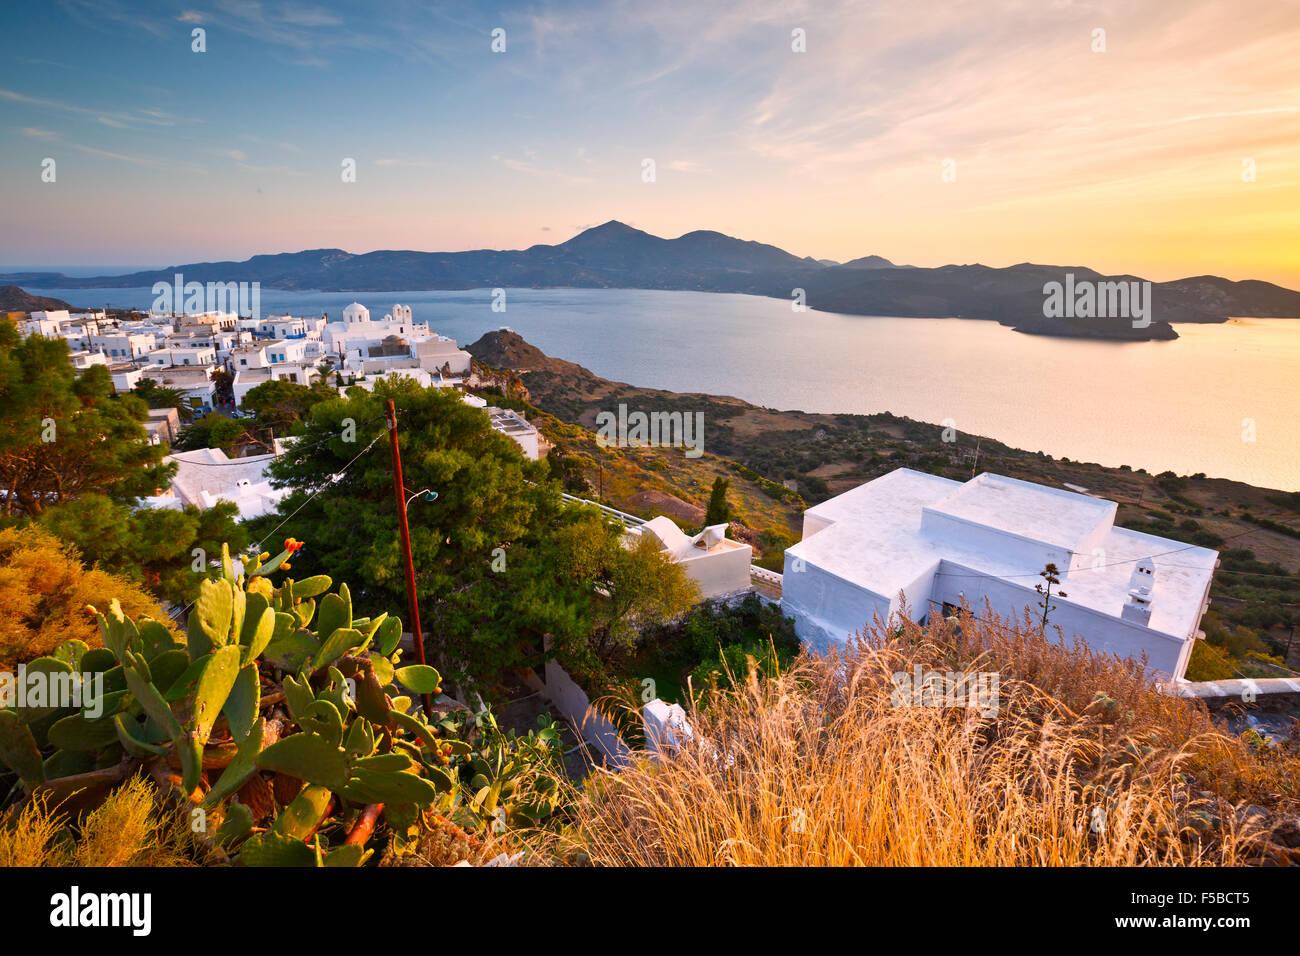 Blick auf Bucht von Milos und Plaka Dorf, die Hauptstadt der Insel Milos, Griechenland. Stockbild